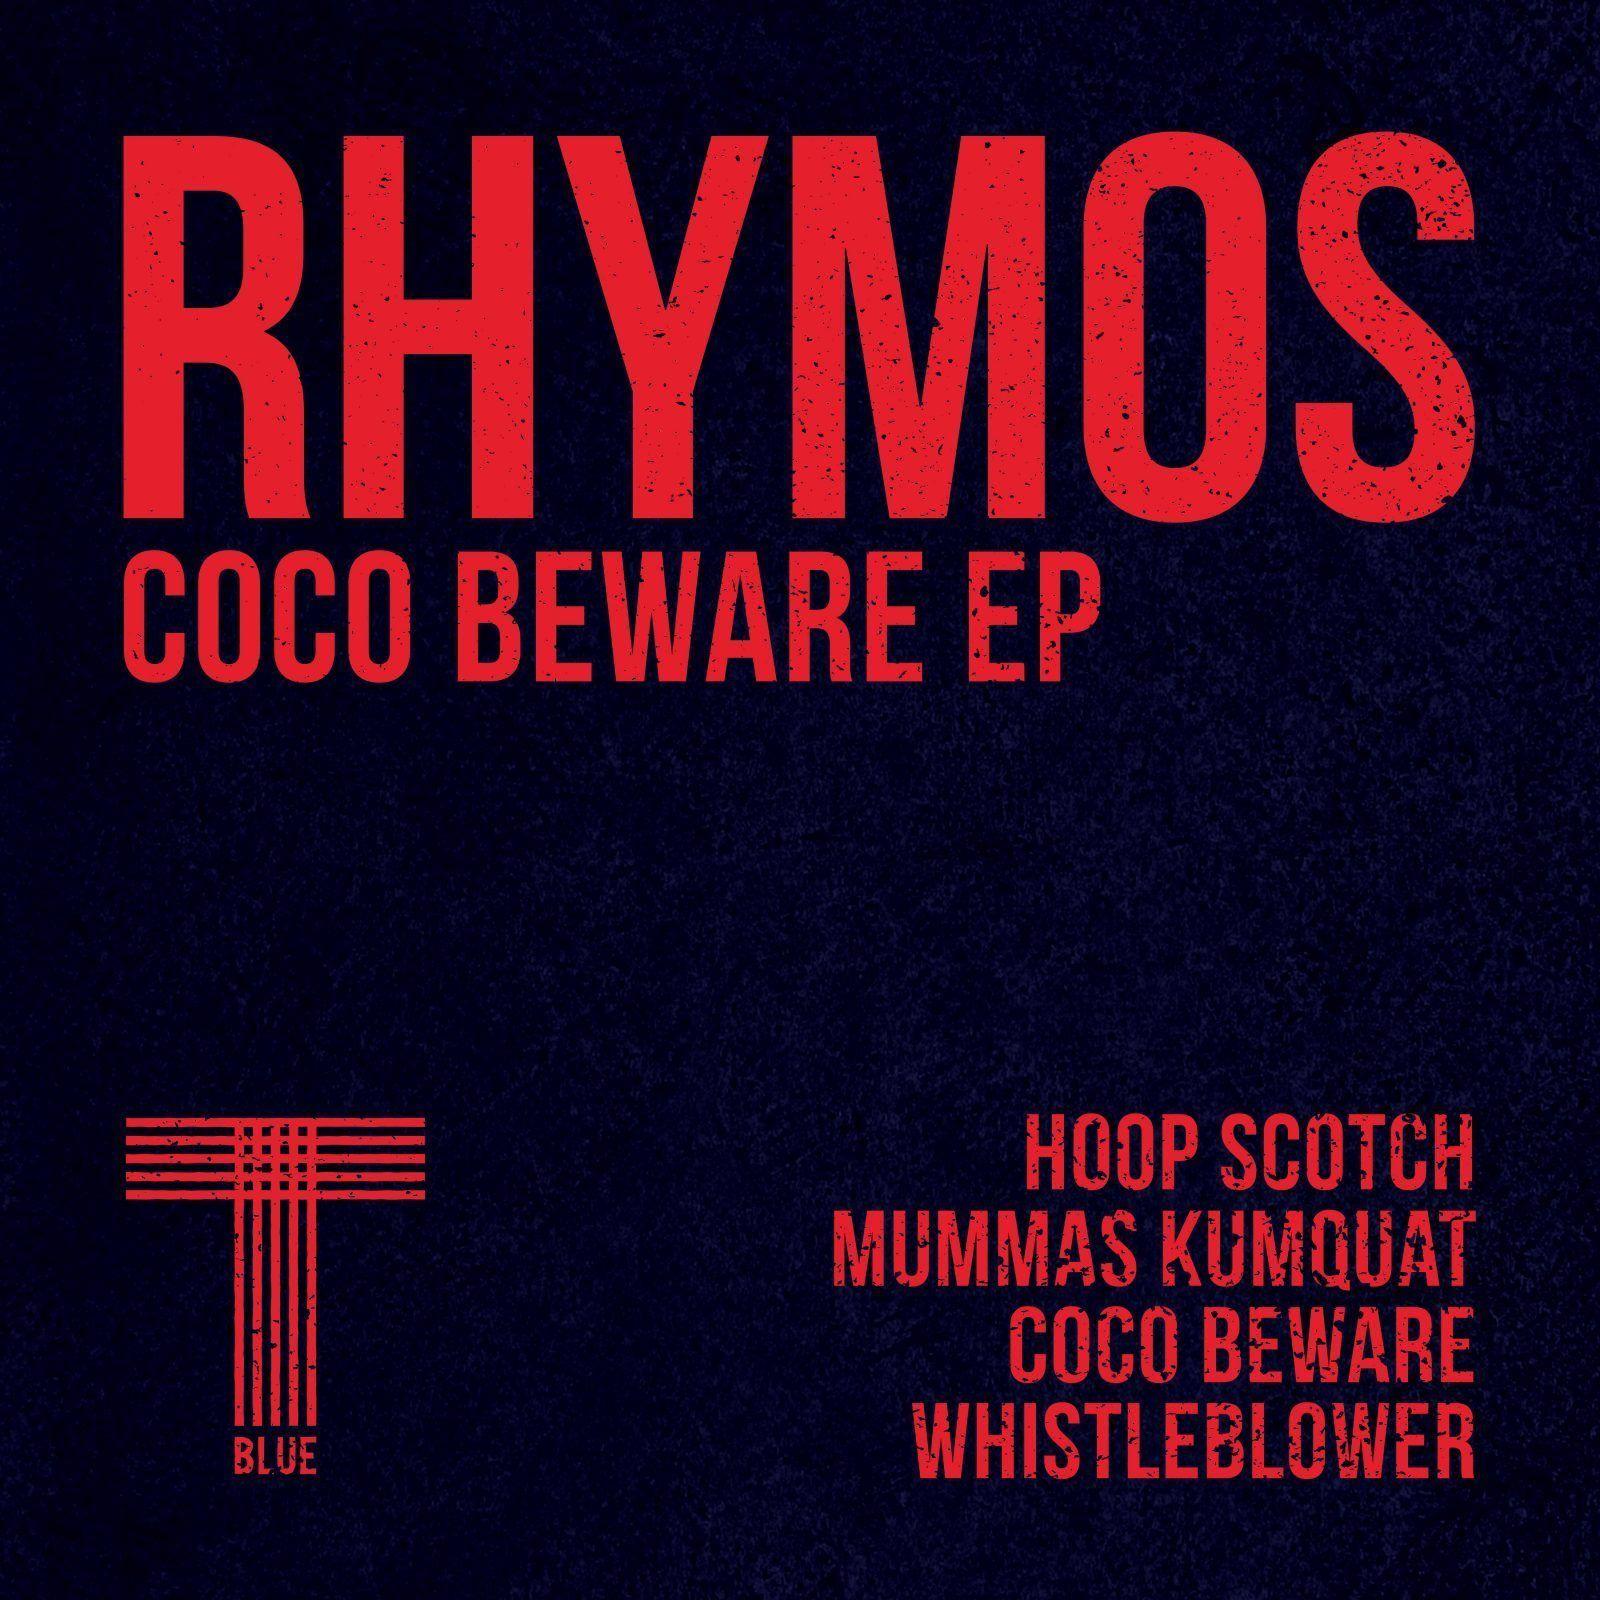 rhymos-cocobewareep-turquoiseblue.jpg